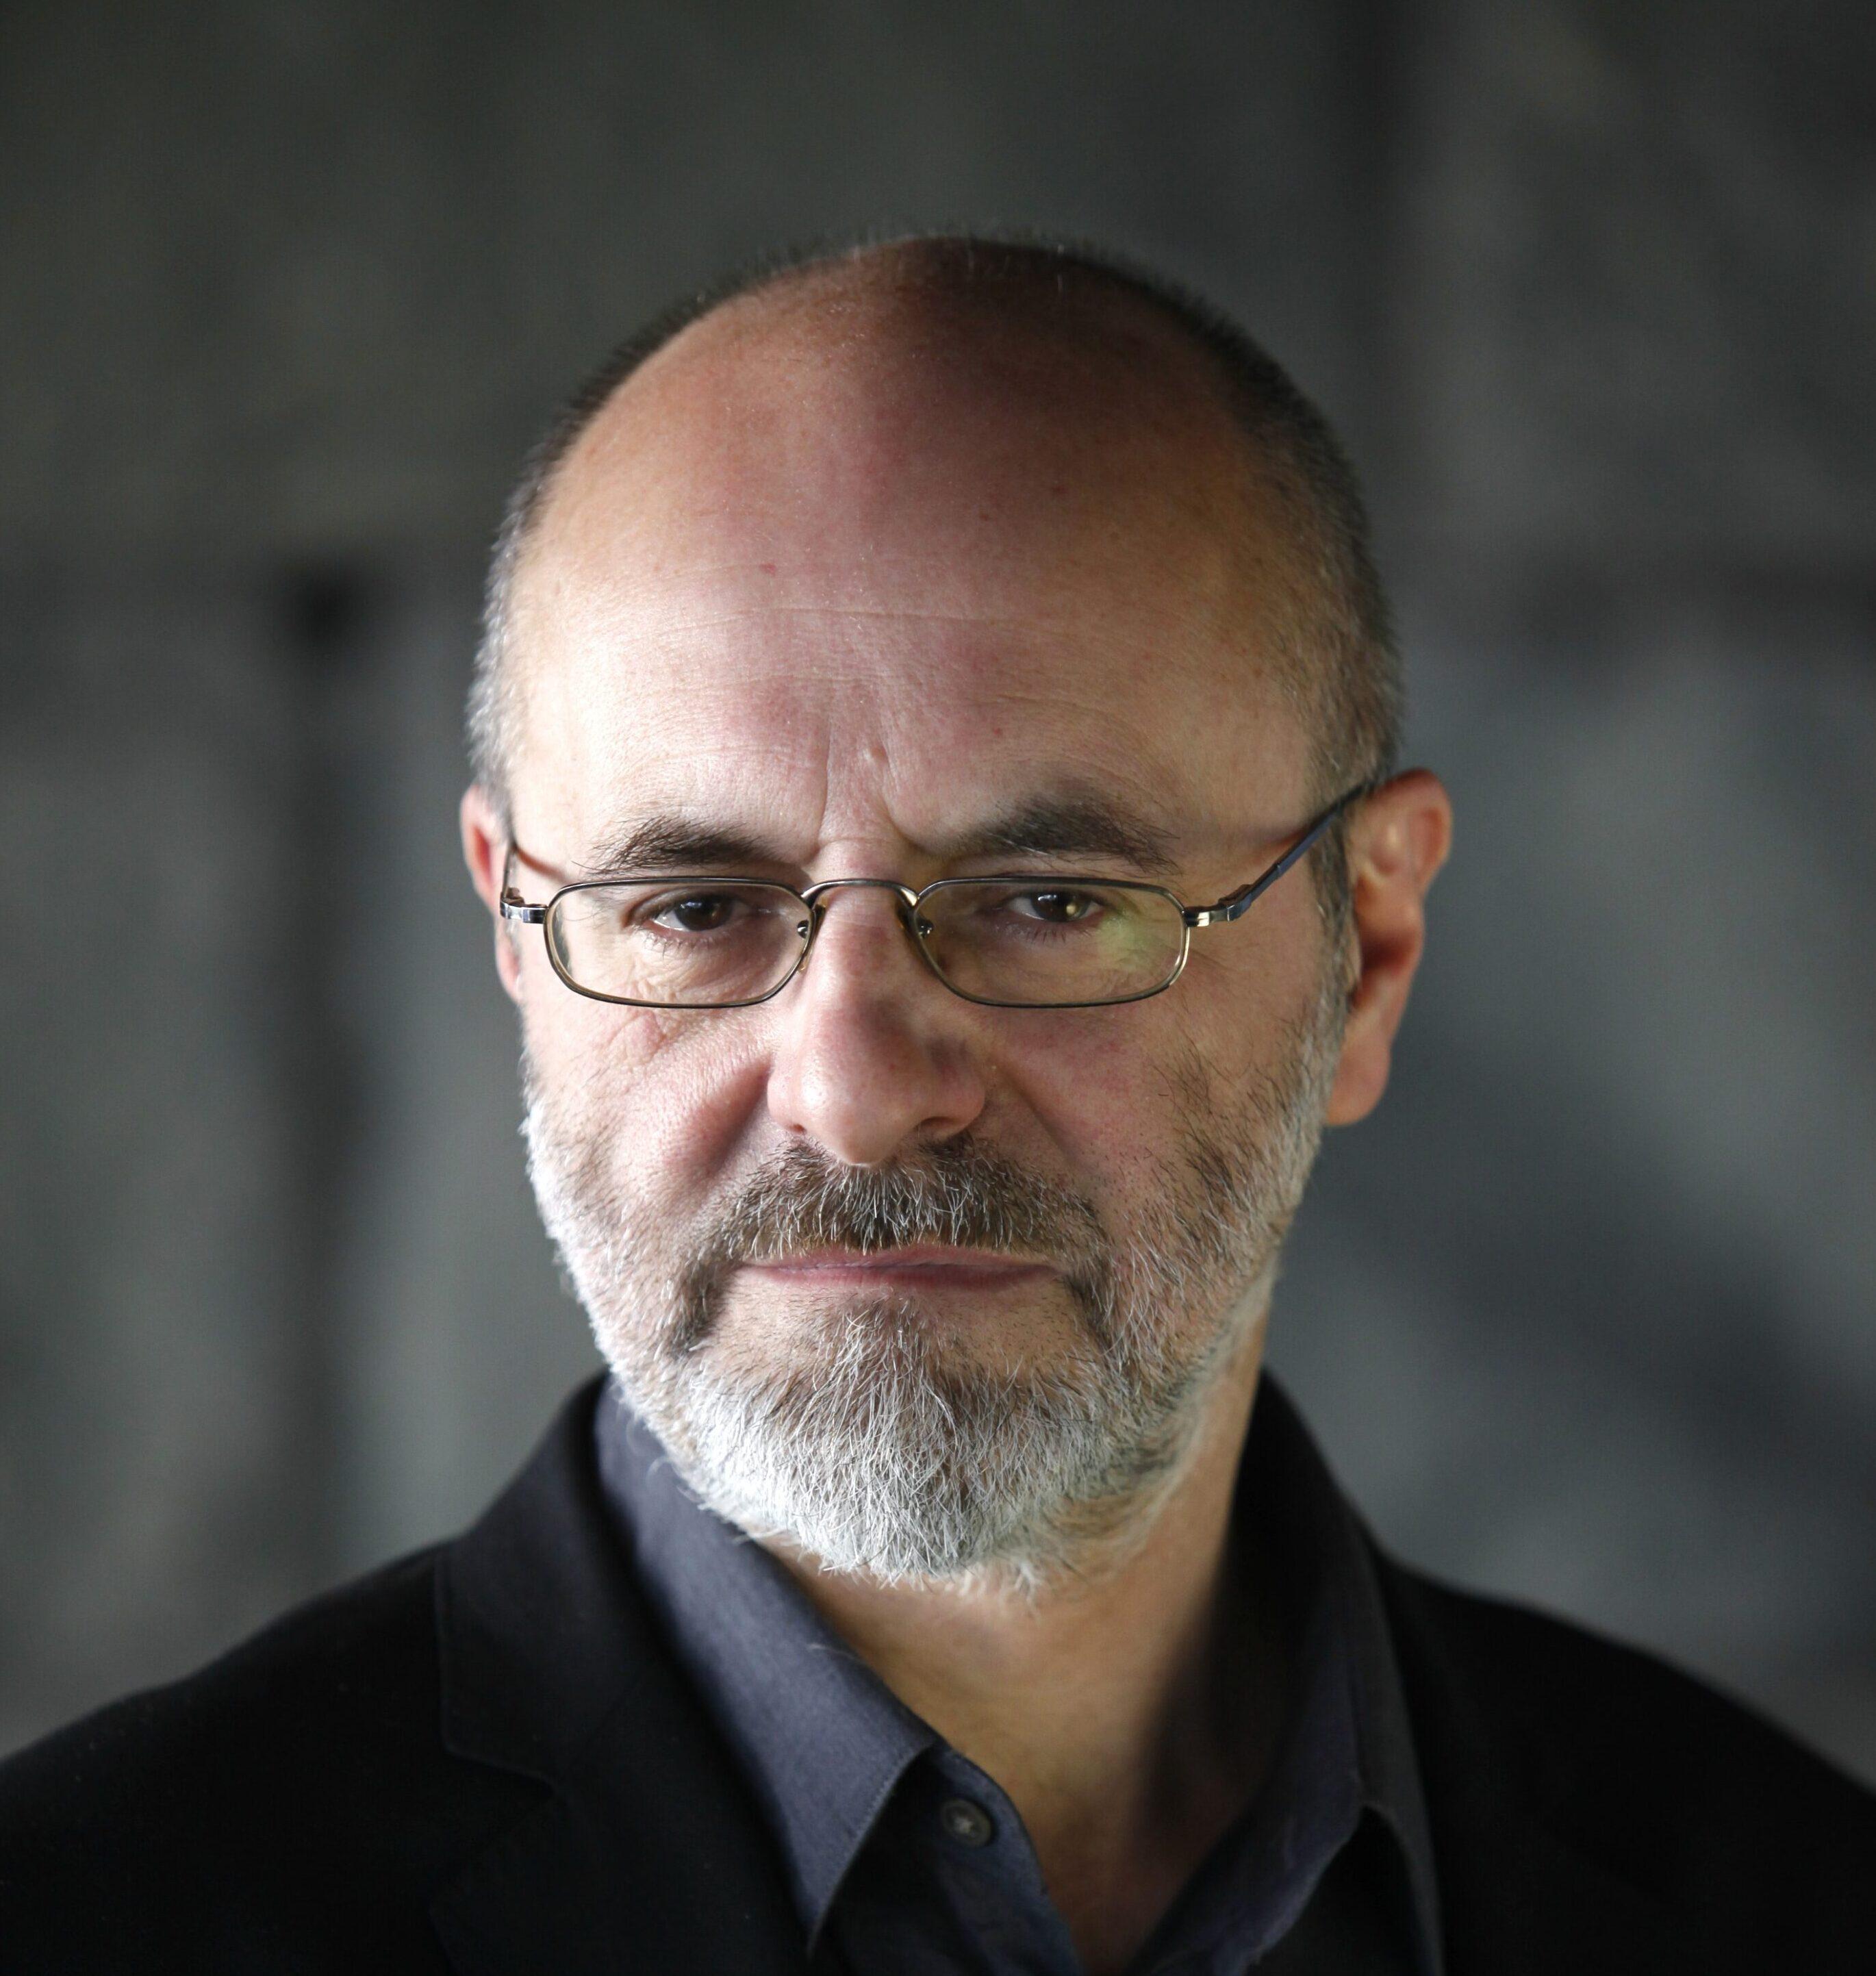 Wywiad z Ingmarem Villqistem, Dyrektorem Artystycznym Festiwalu